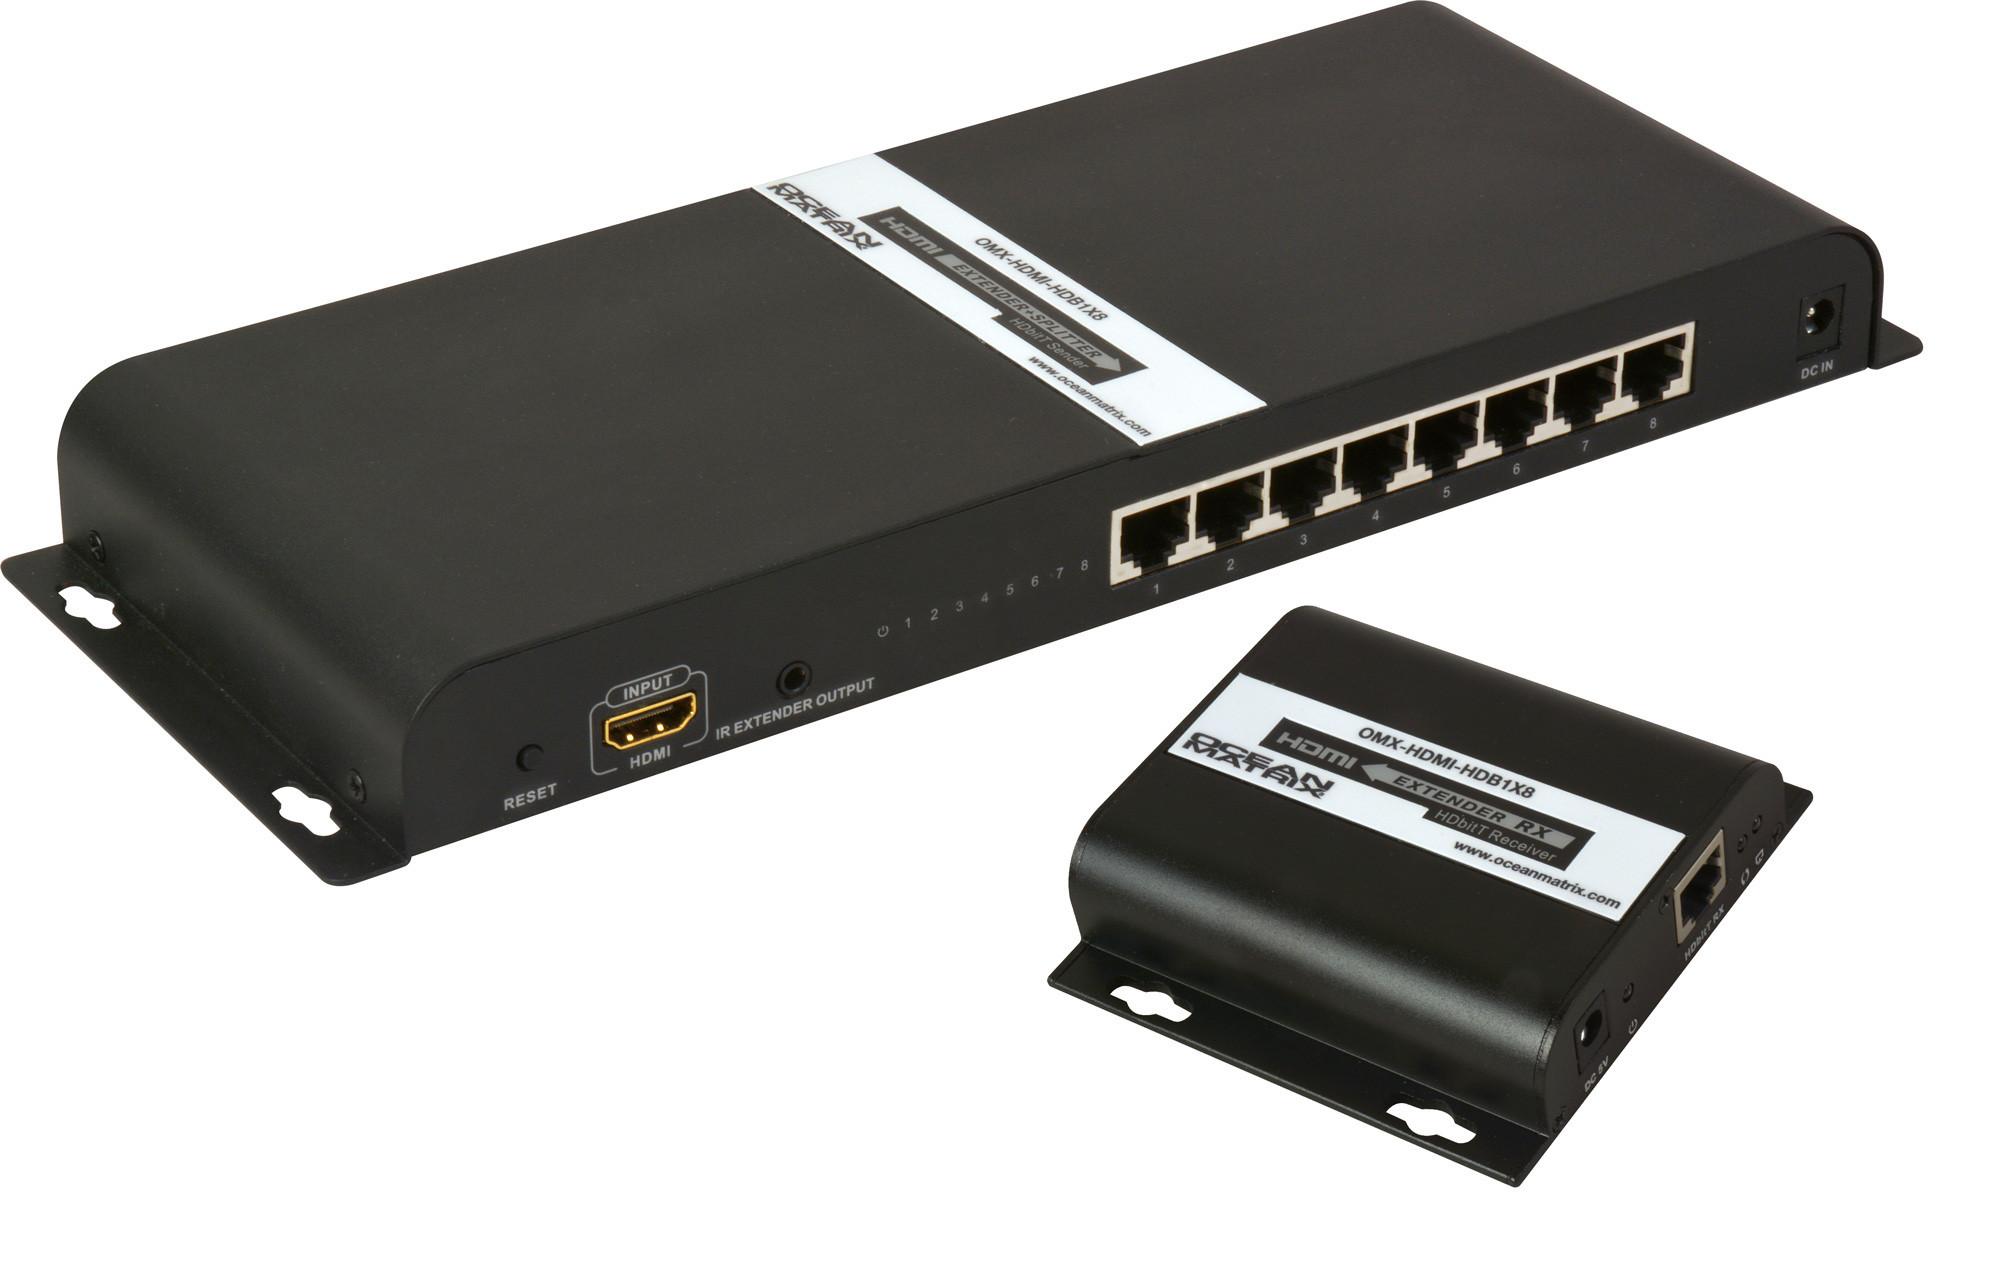 1x8 HDMI HDbitT Distribution Amplifier